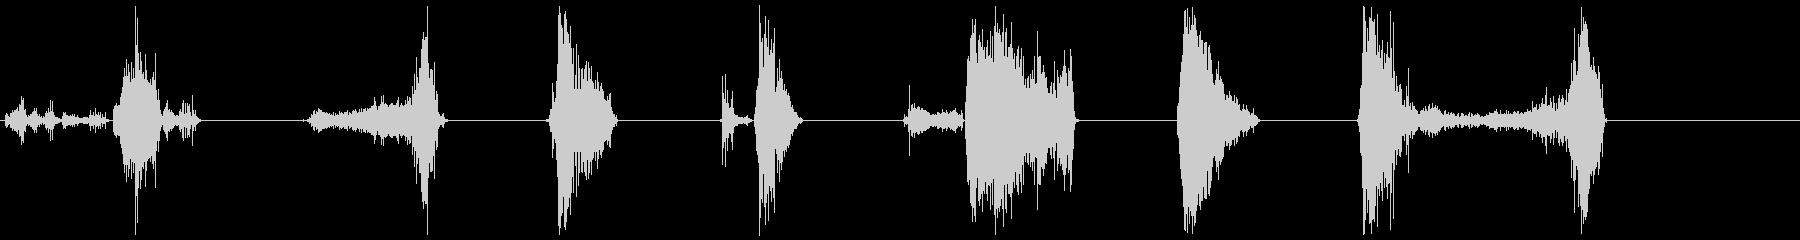 ゾンビの悪質な攻撃16-22の未再生の波形